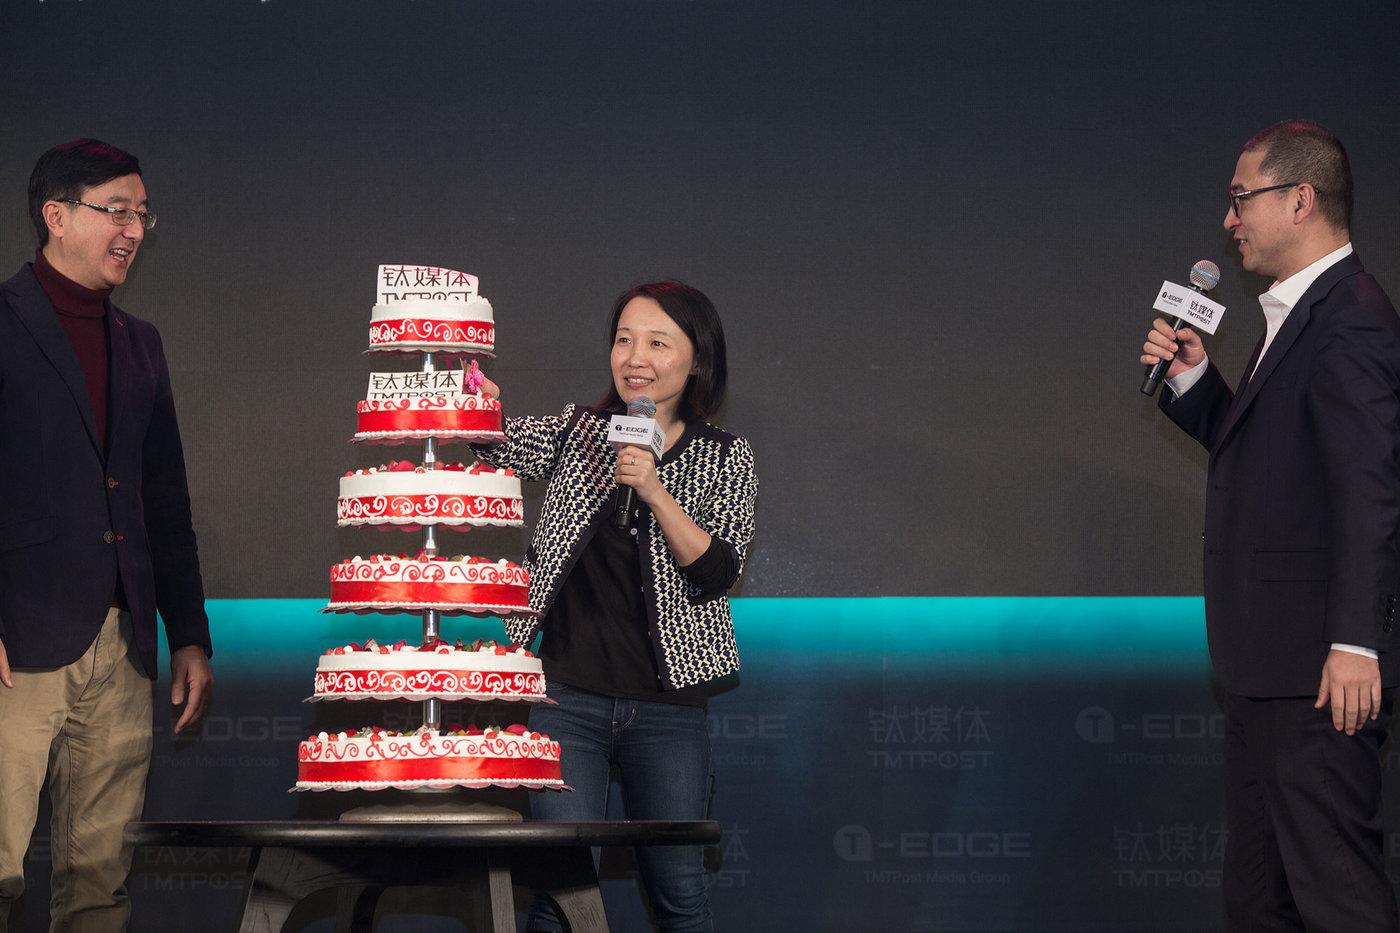 左起:万宁、赵何娟、刘湘明